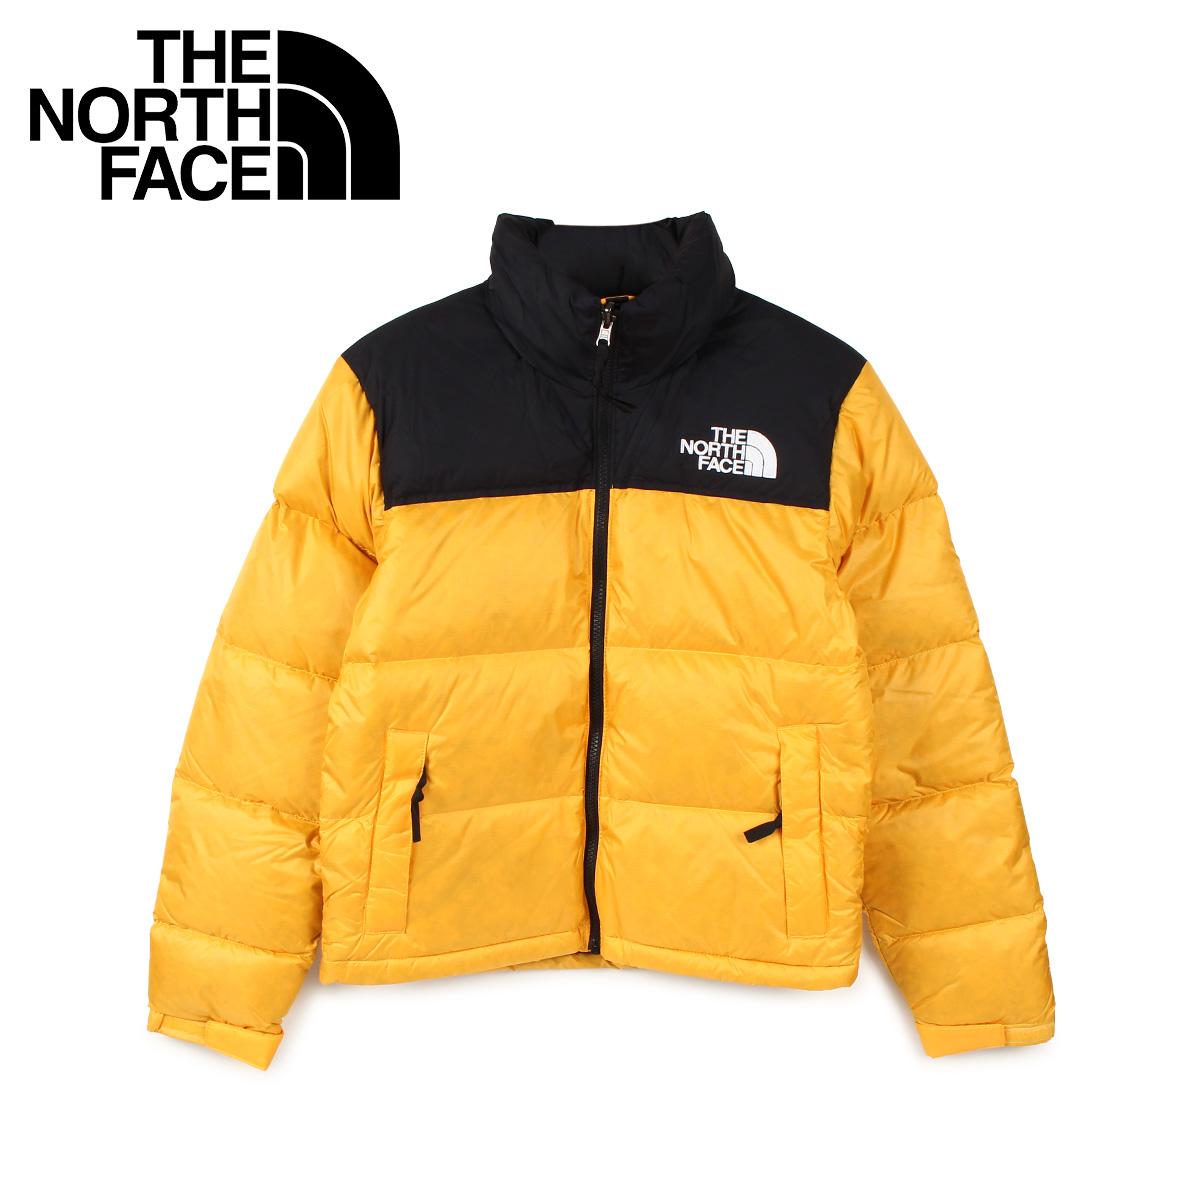 THE NORTH FACE ノースフェイス 1996 ジャケット ダウンジャケット レトロ ヌプシ レディース WOMENS 1996 RETRO NUPTSE JACKET イエロー NF0A3XEO